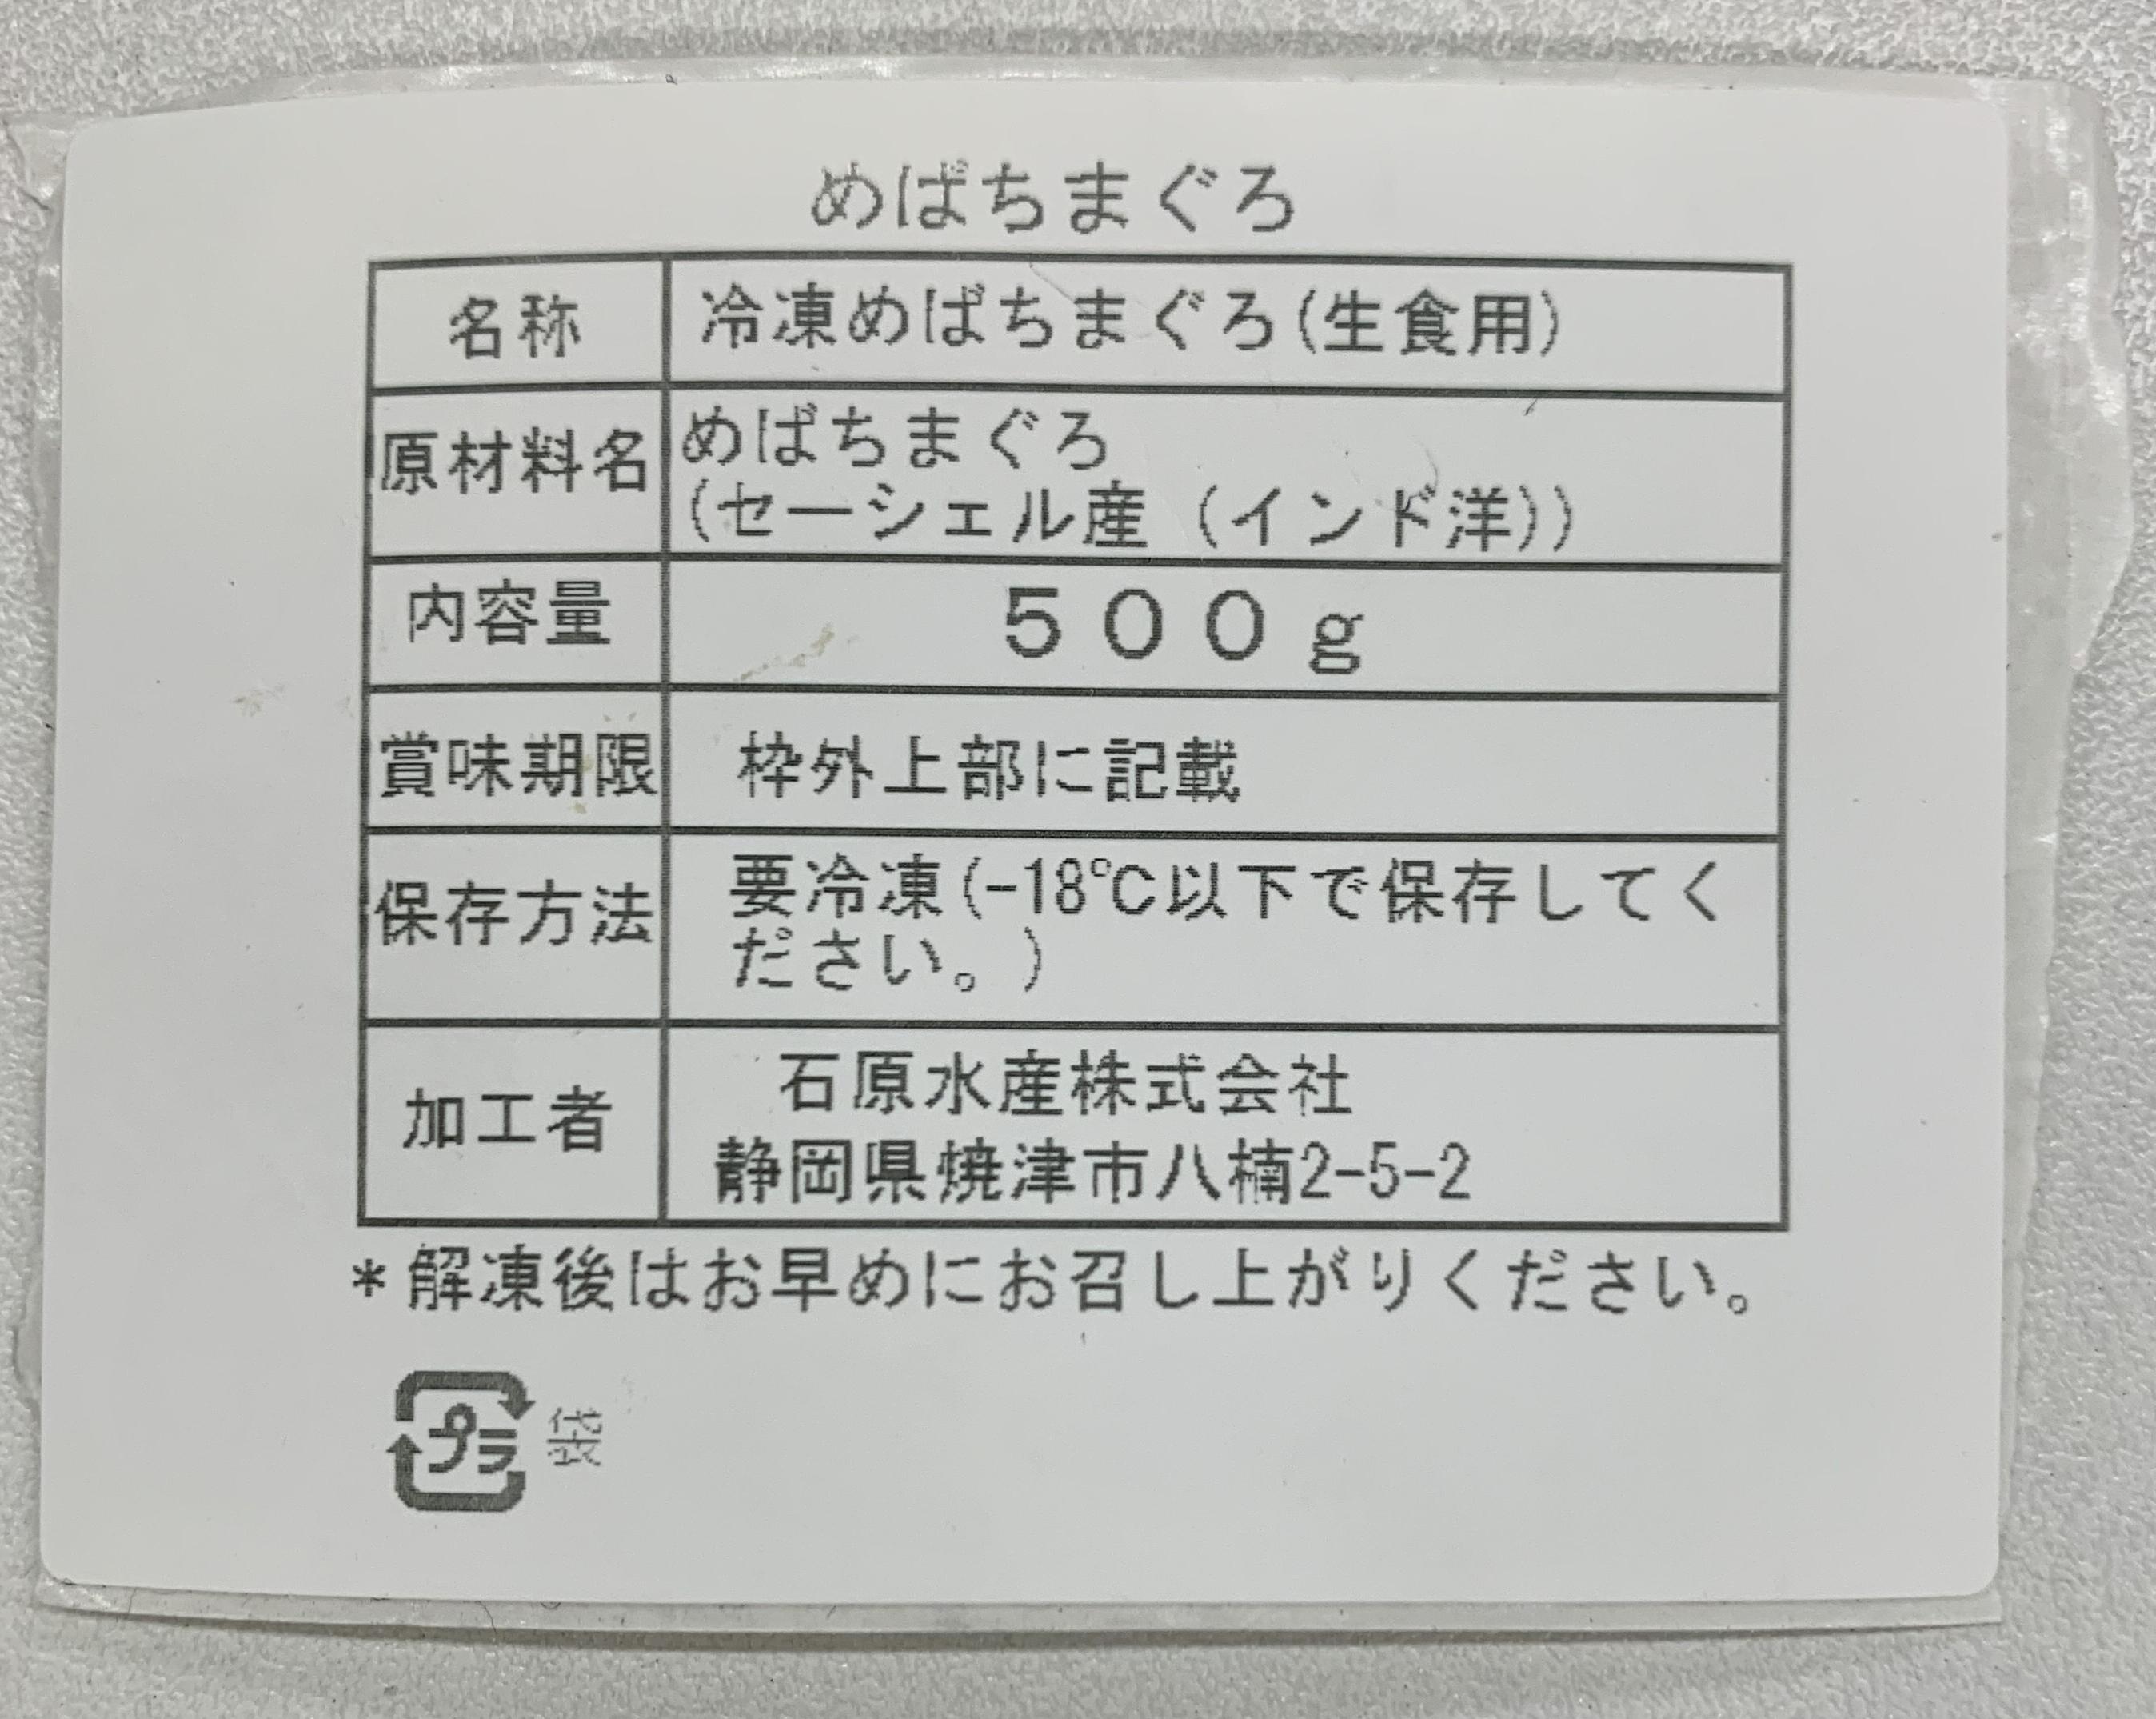 バチまぐろ切り落とし500g以上(端材含む):700円